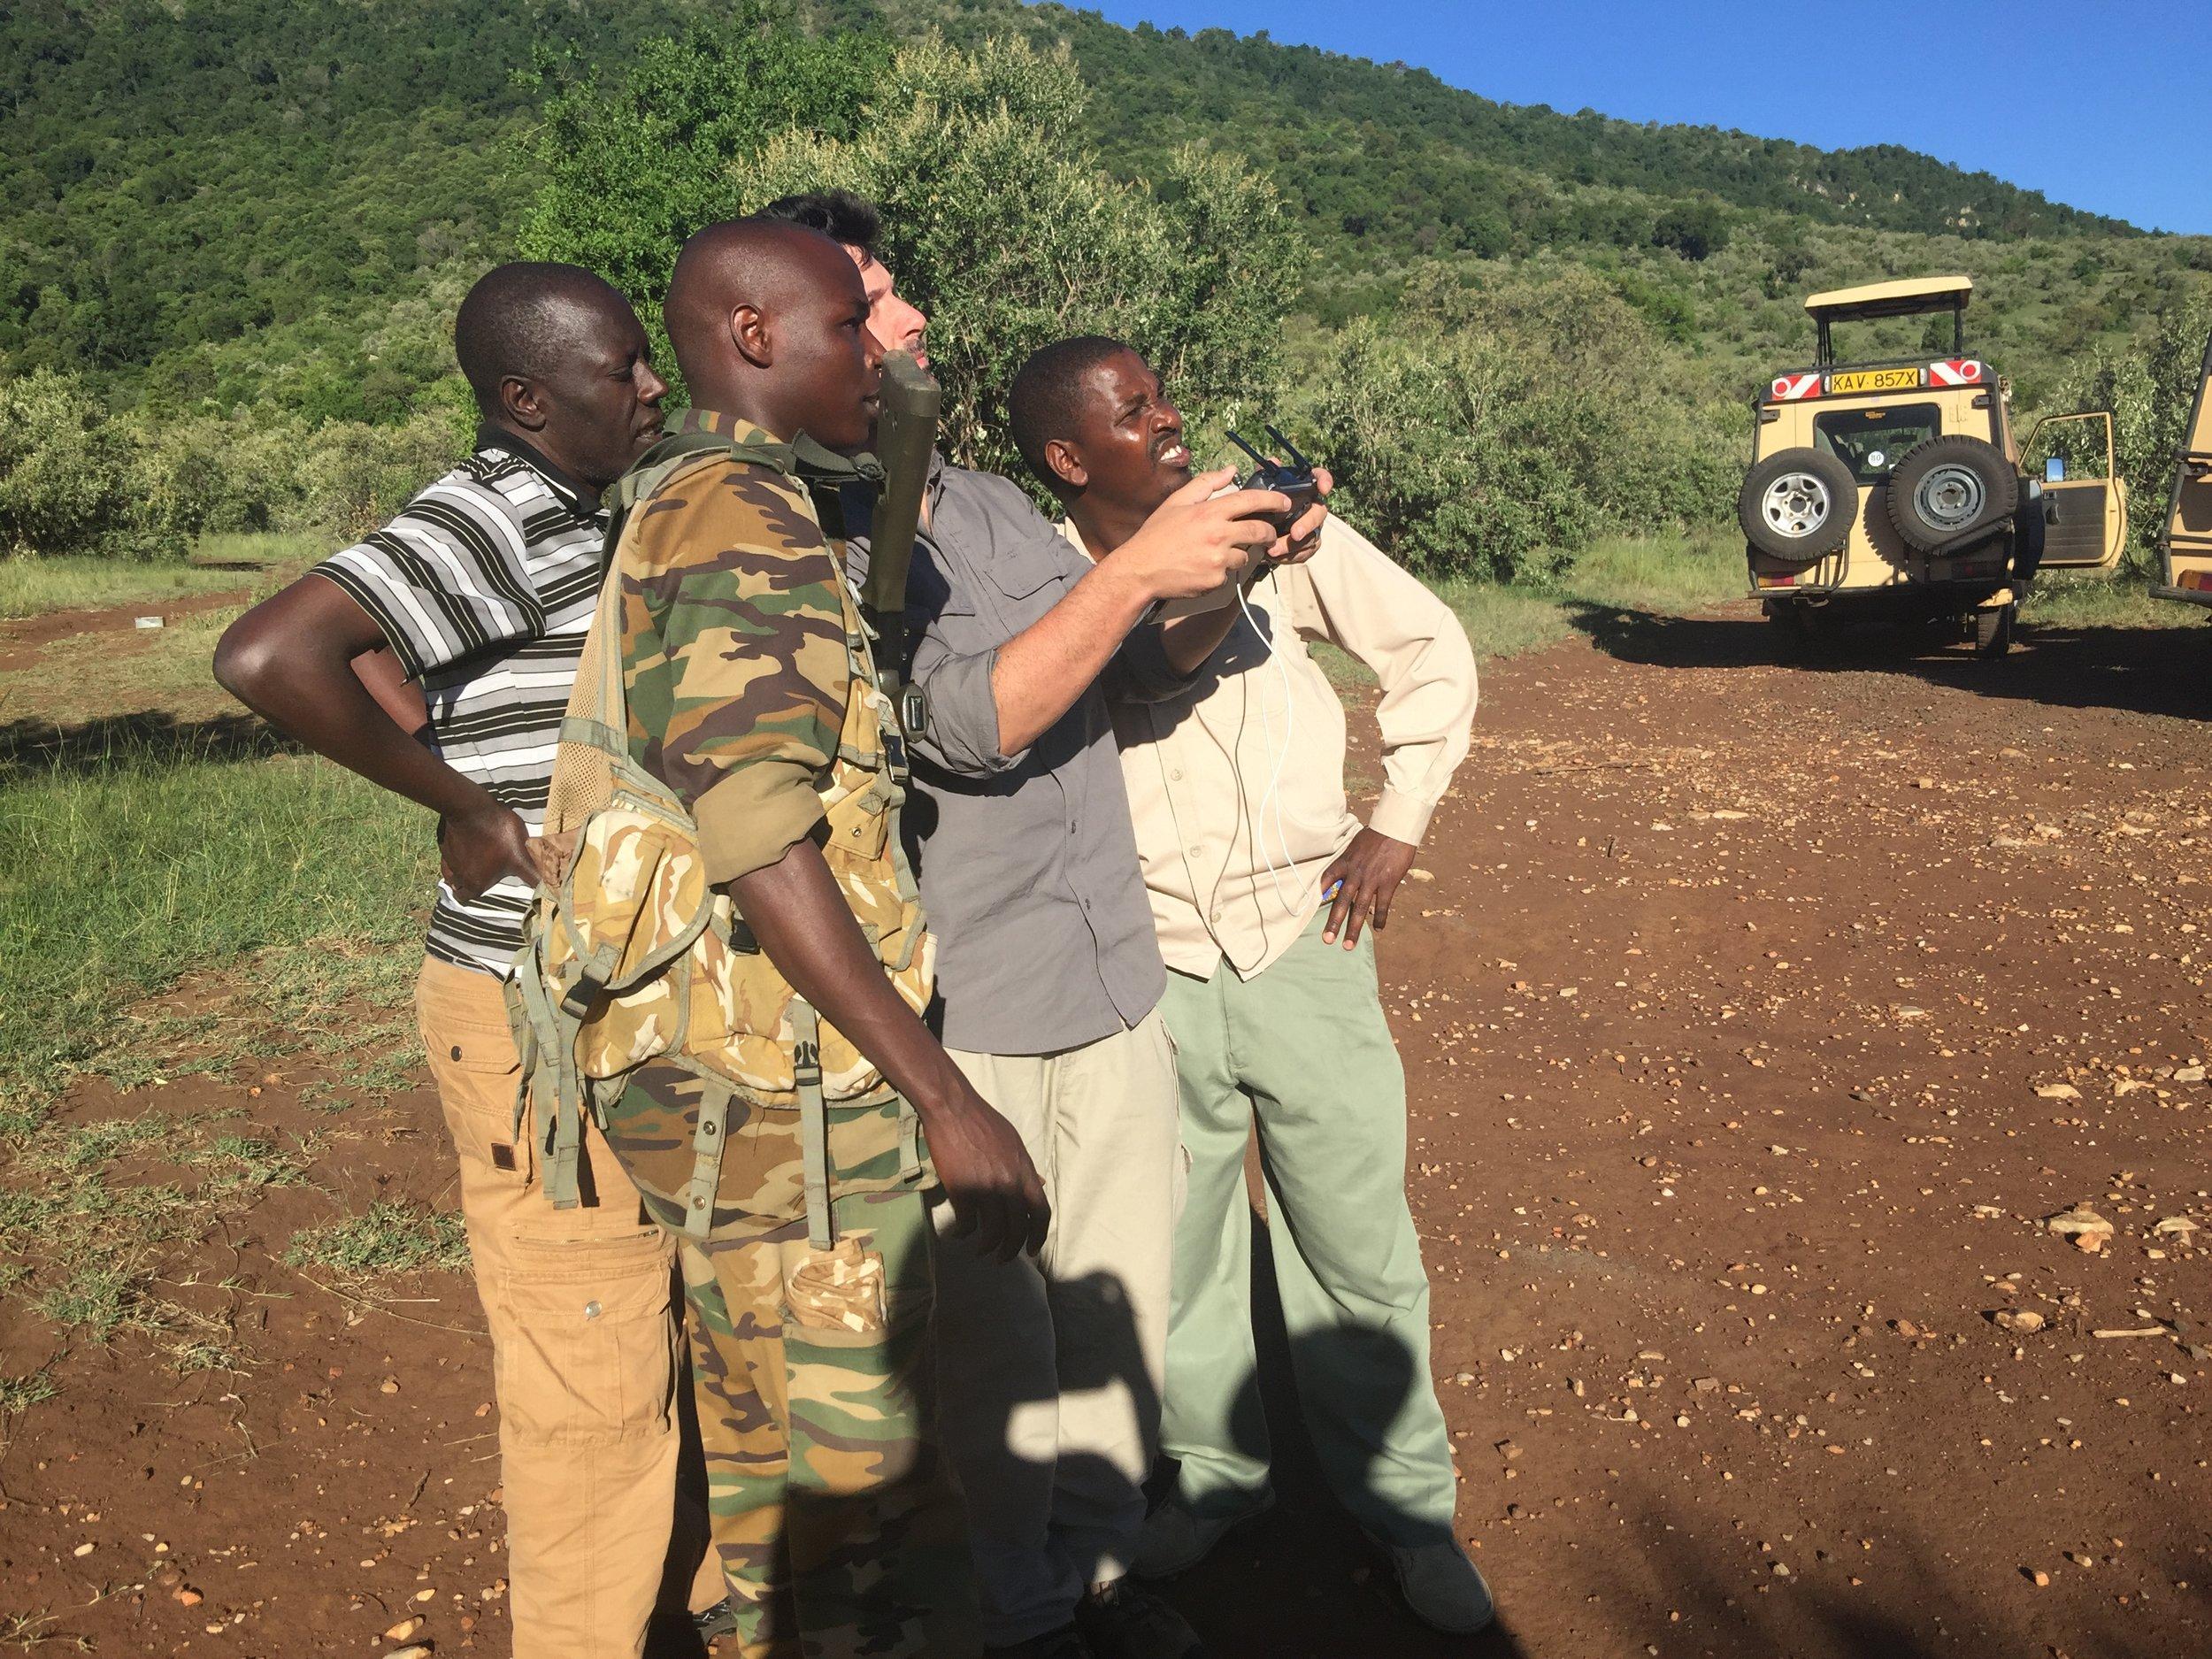 kenyanrangerdrones.jpg